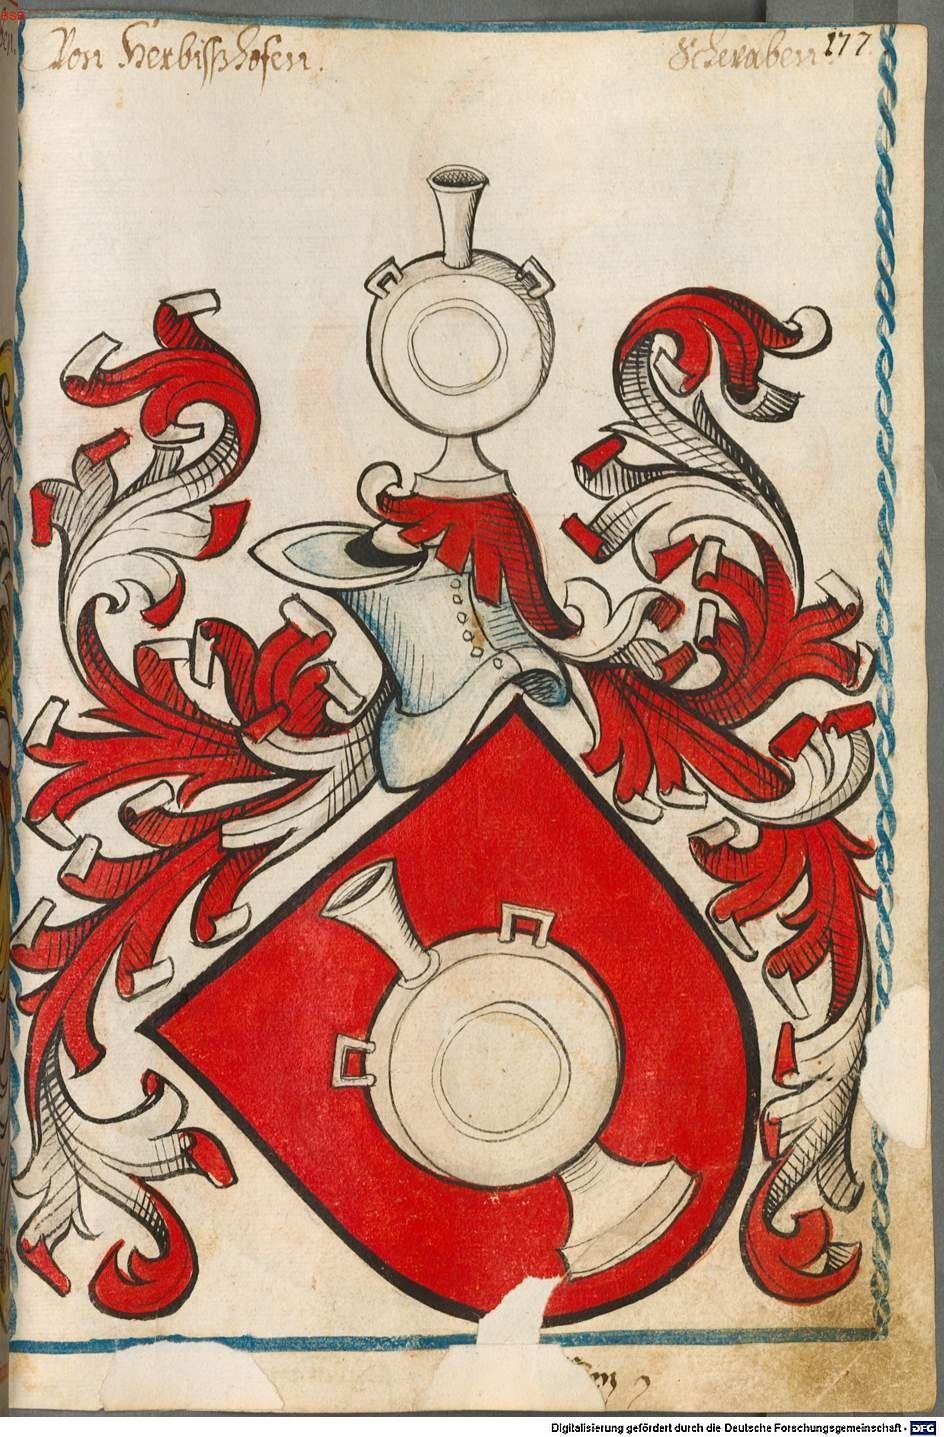 Scheibler'sches Wappenbuch Süddeutschland, um 1450 - 17. Jh. Cod.icon. 312 c  Folio 177